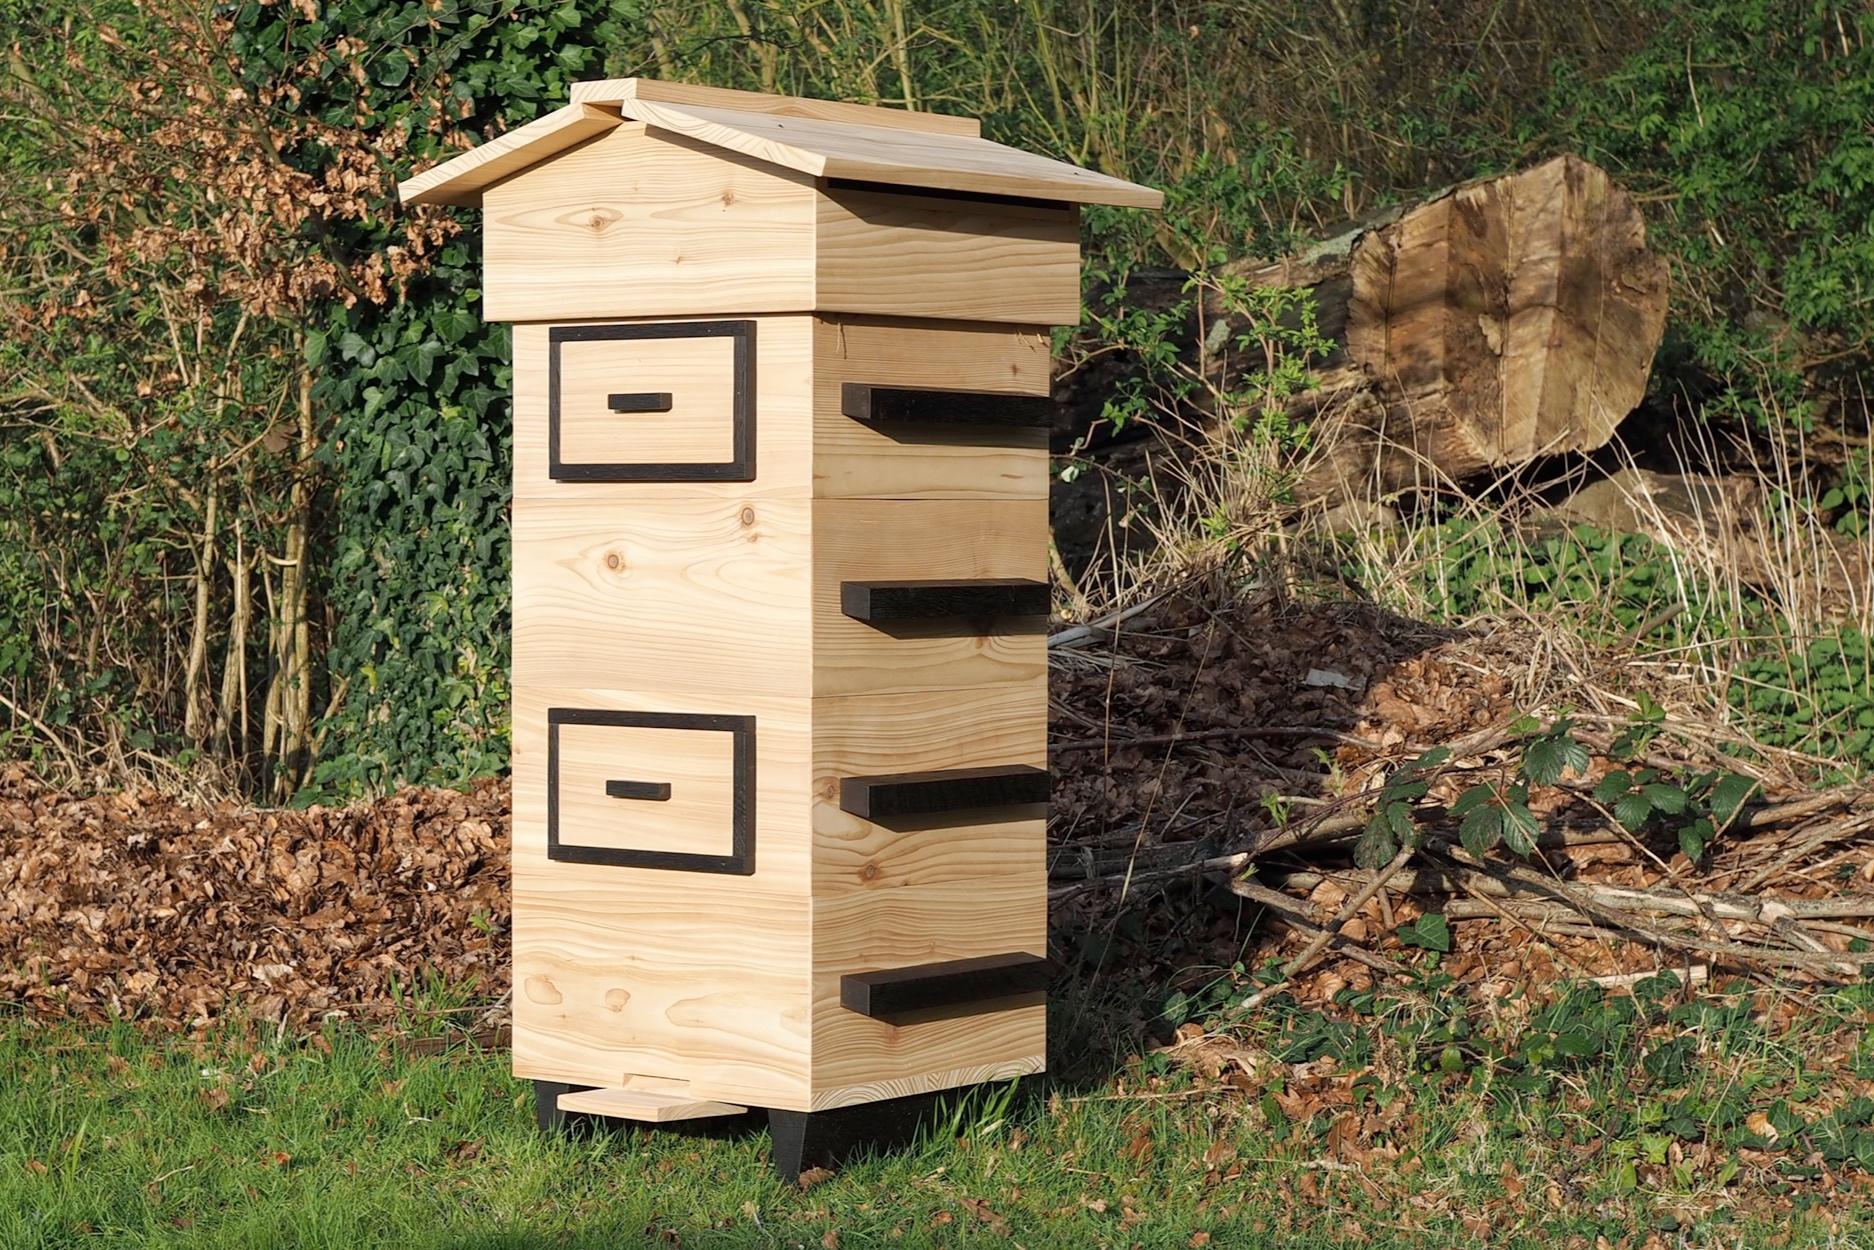 Beehive+woodland+cedar+oak+trees+bees.jpg